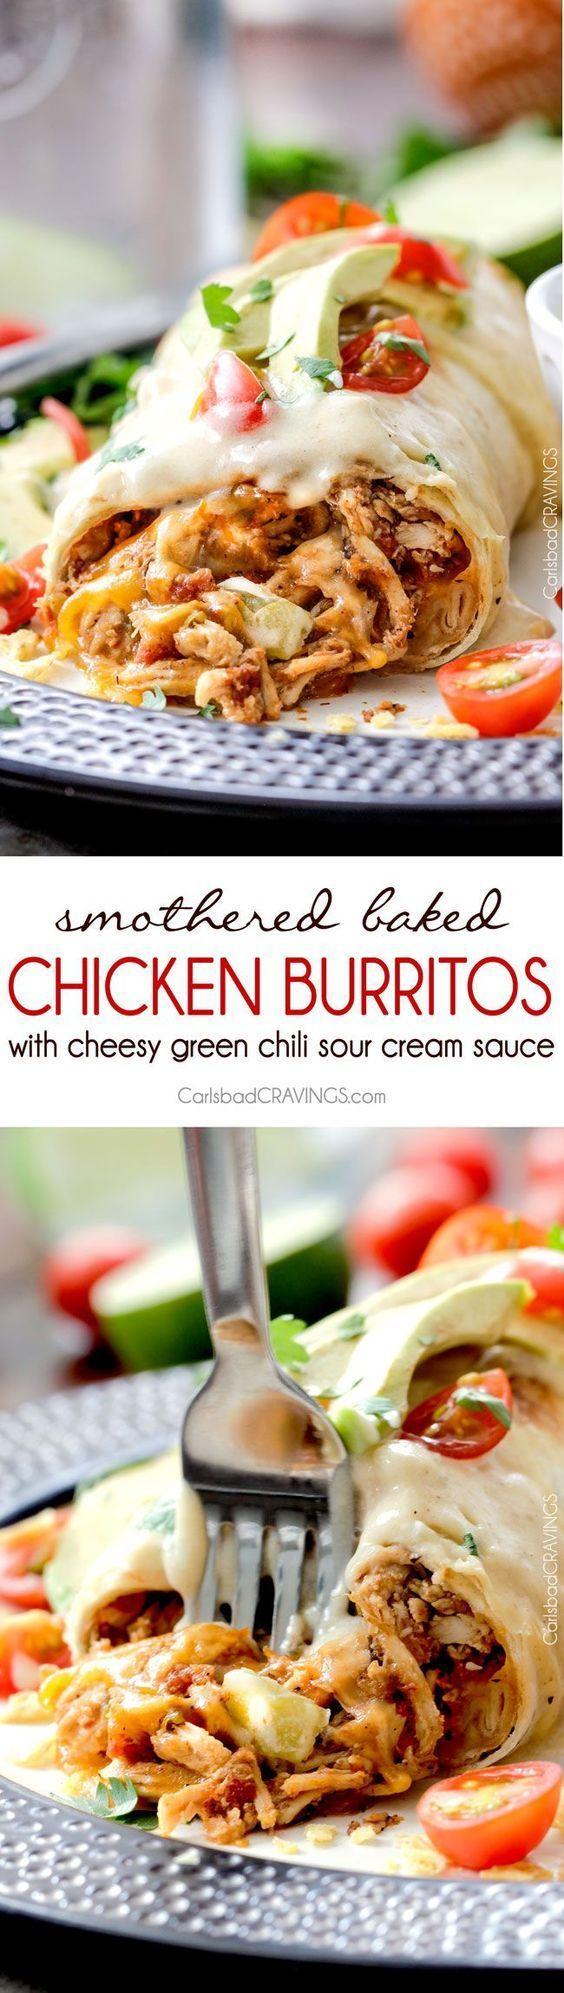 stá pollo con queso.Es cerca un burrito aquí. Sirvi en el restaurante de México.No es barato pero no es rico.